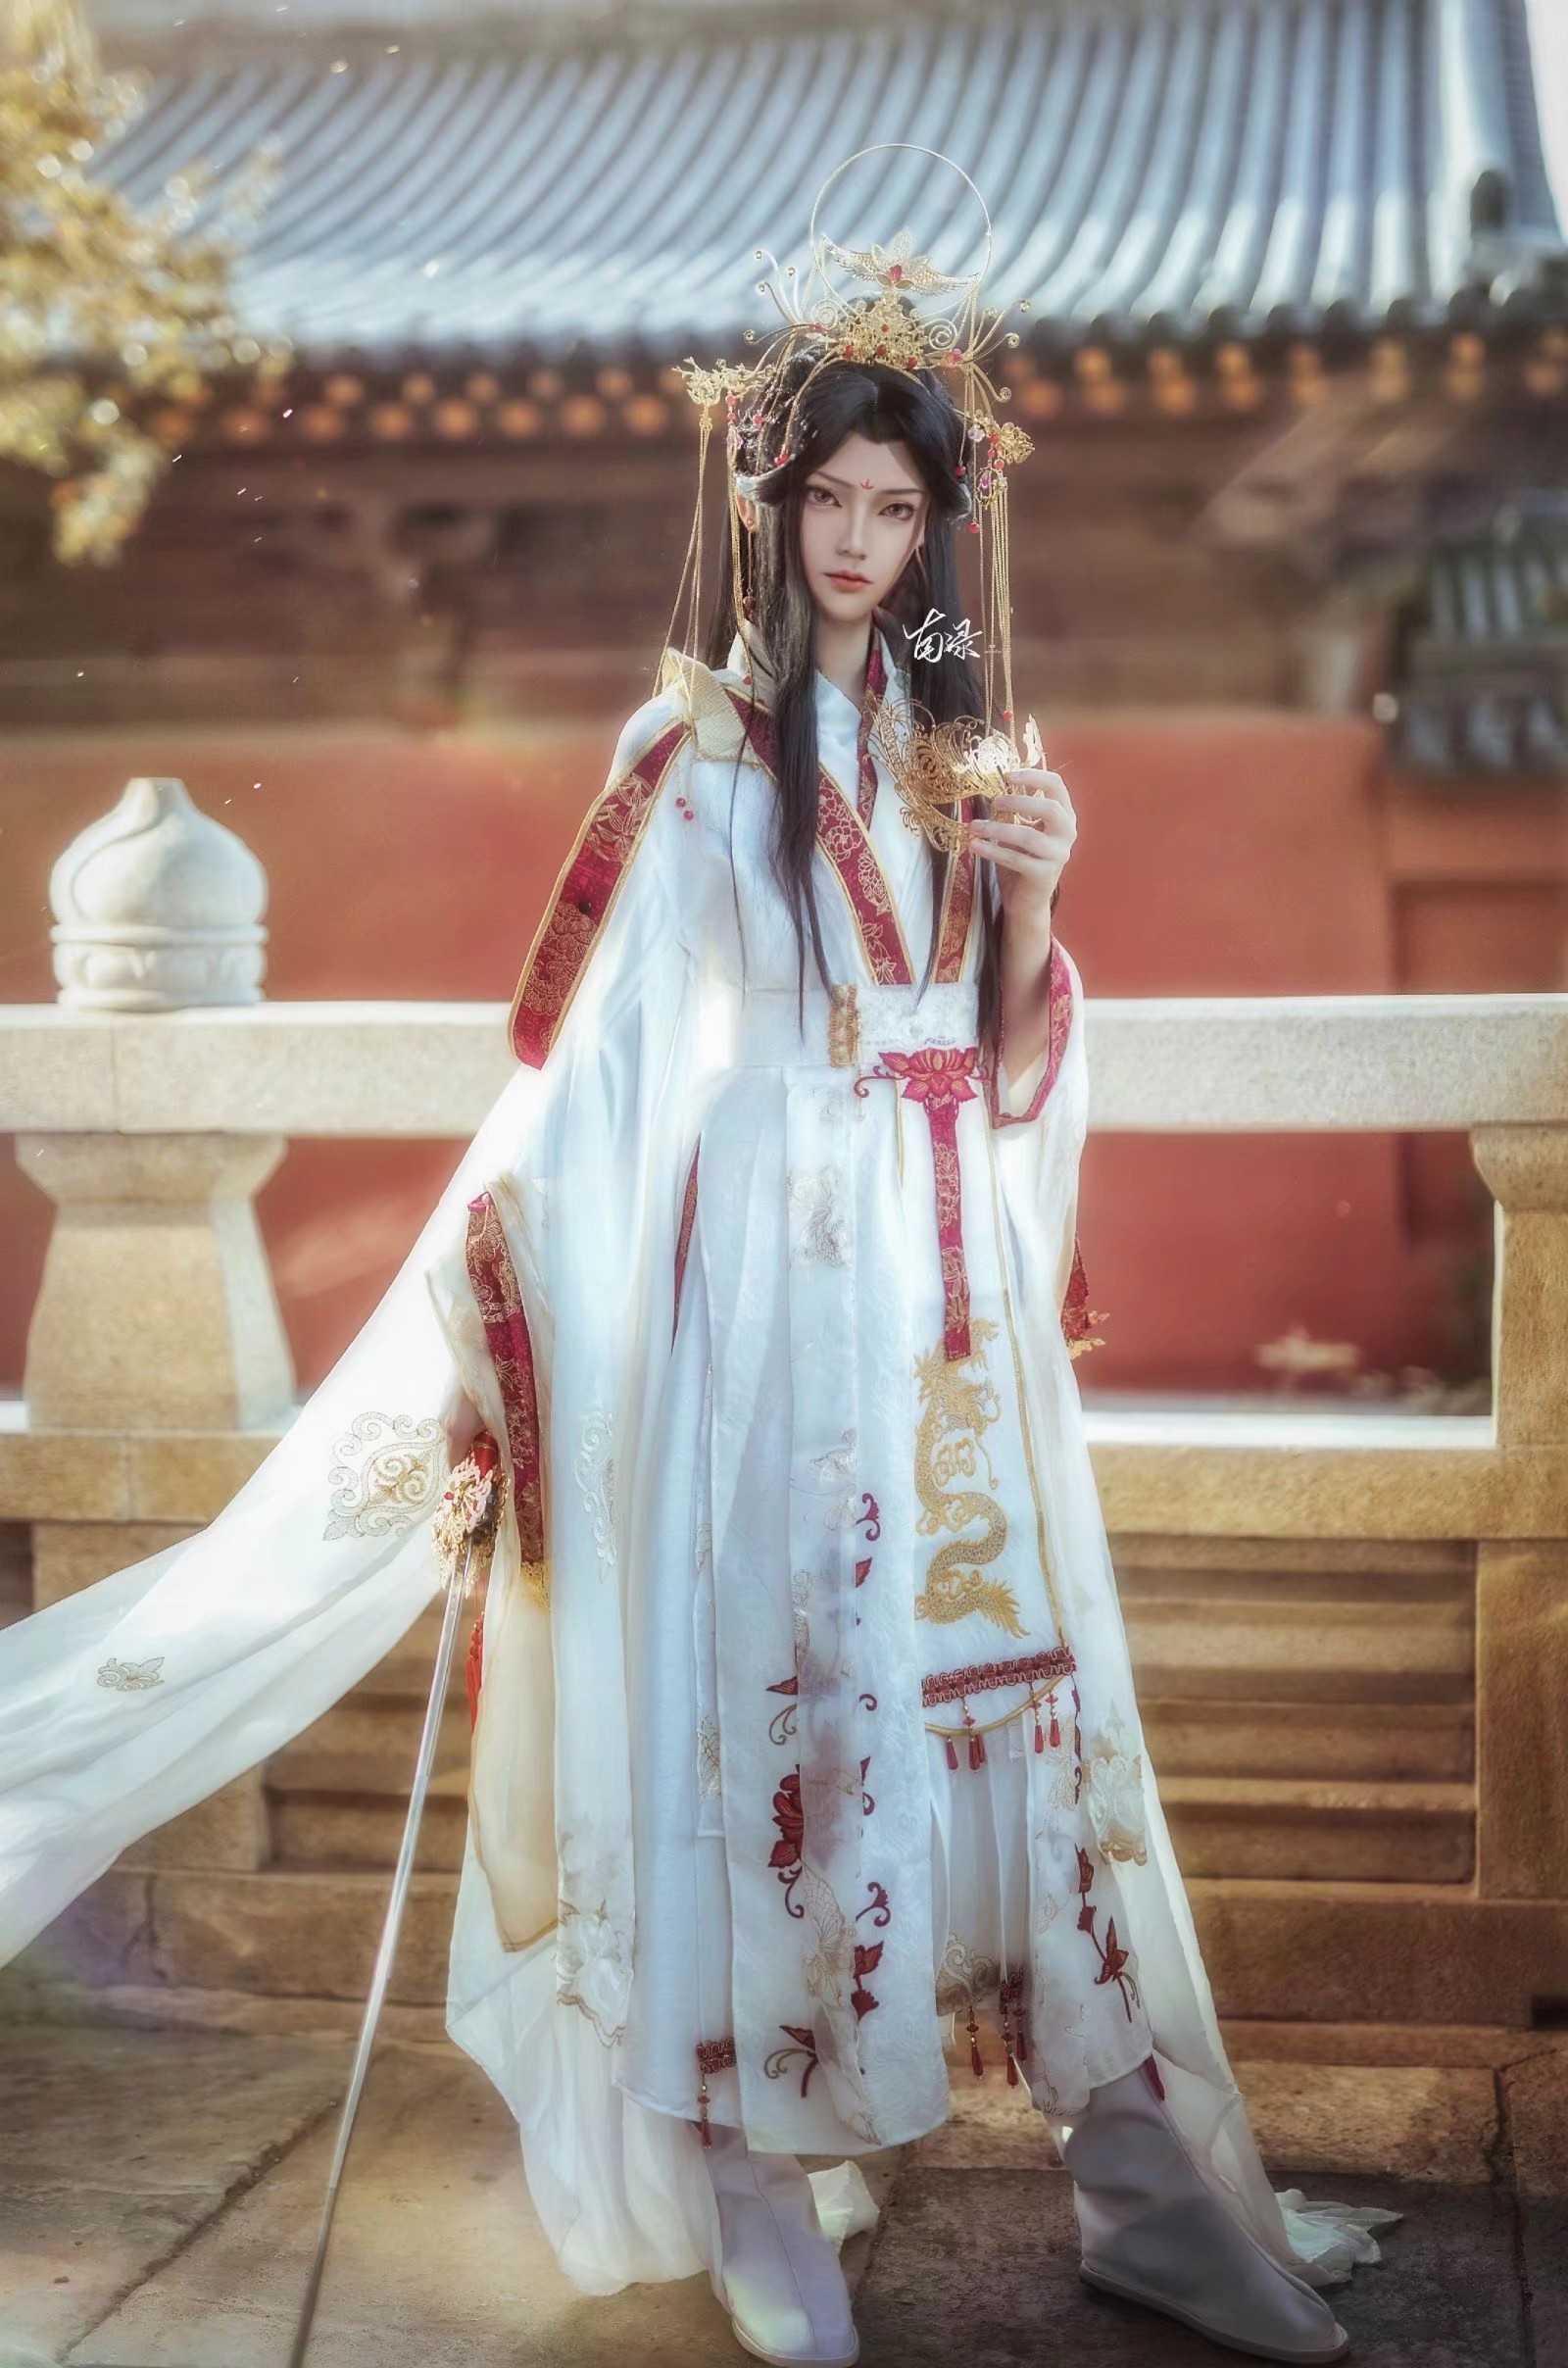 《天官赐福》王者荣耀cosplay【CN:南渌Lin】-第14张